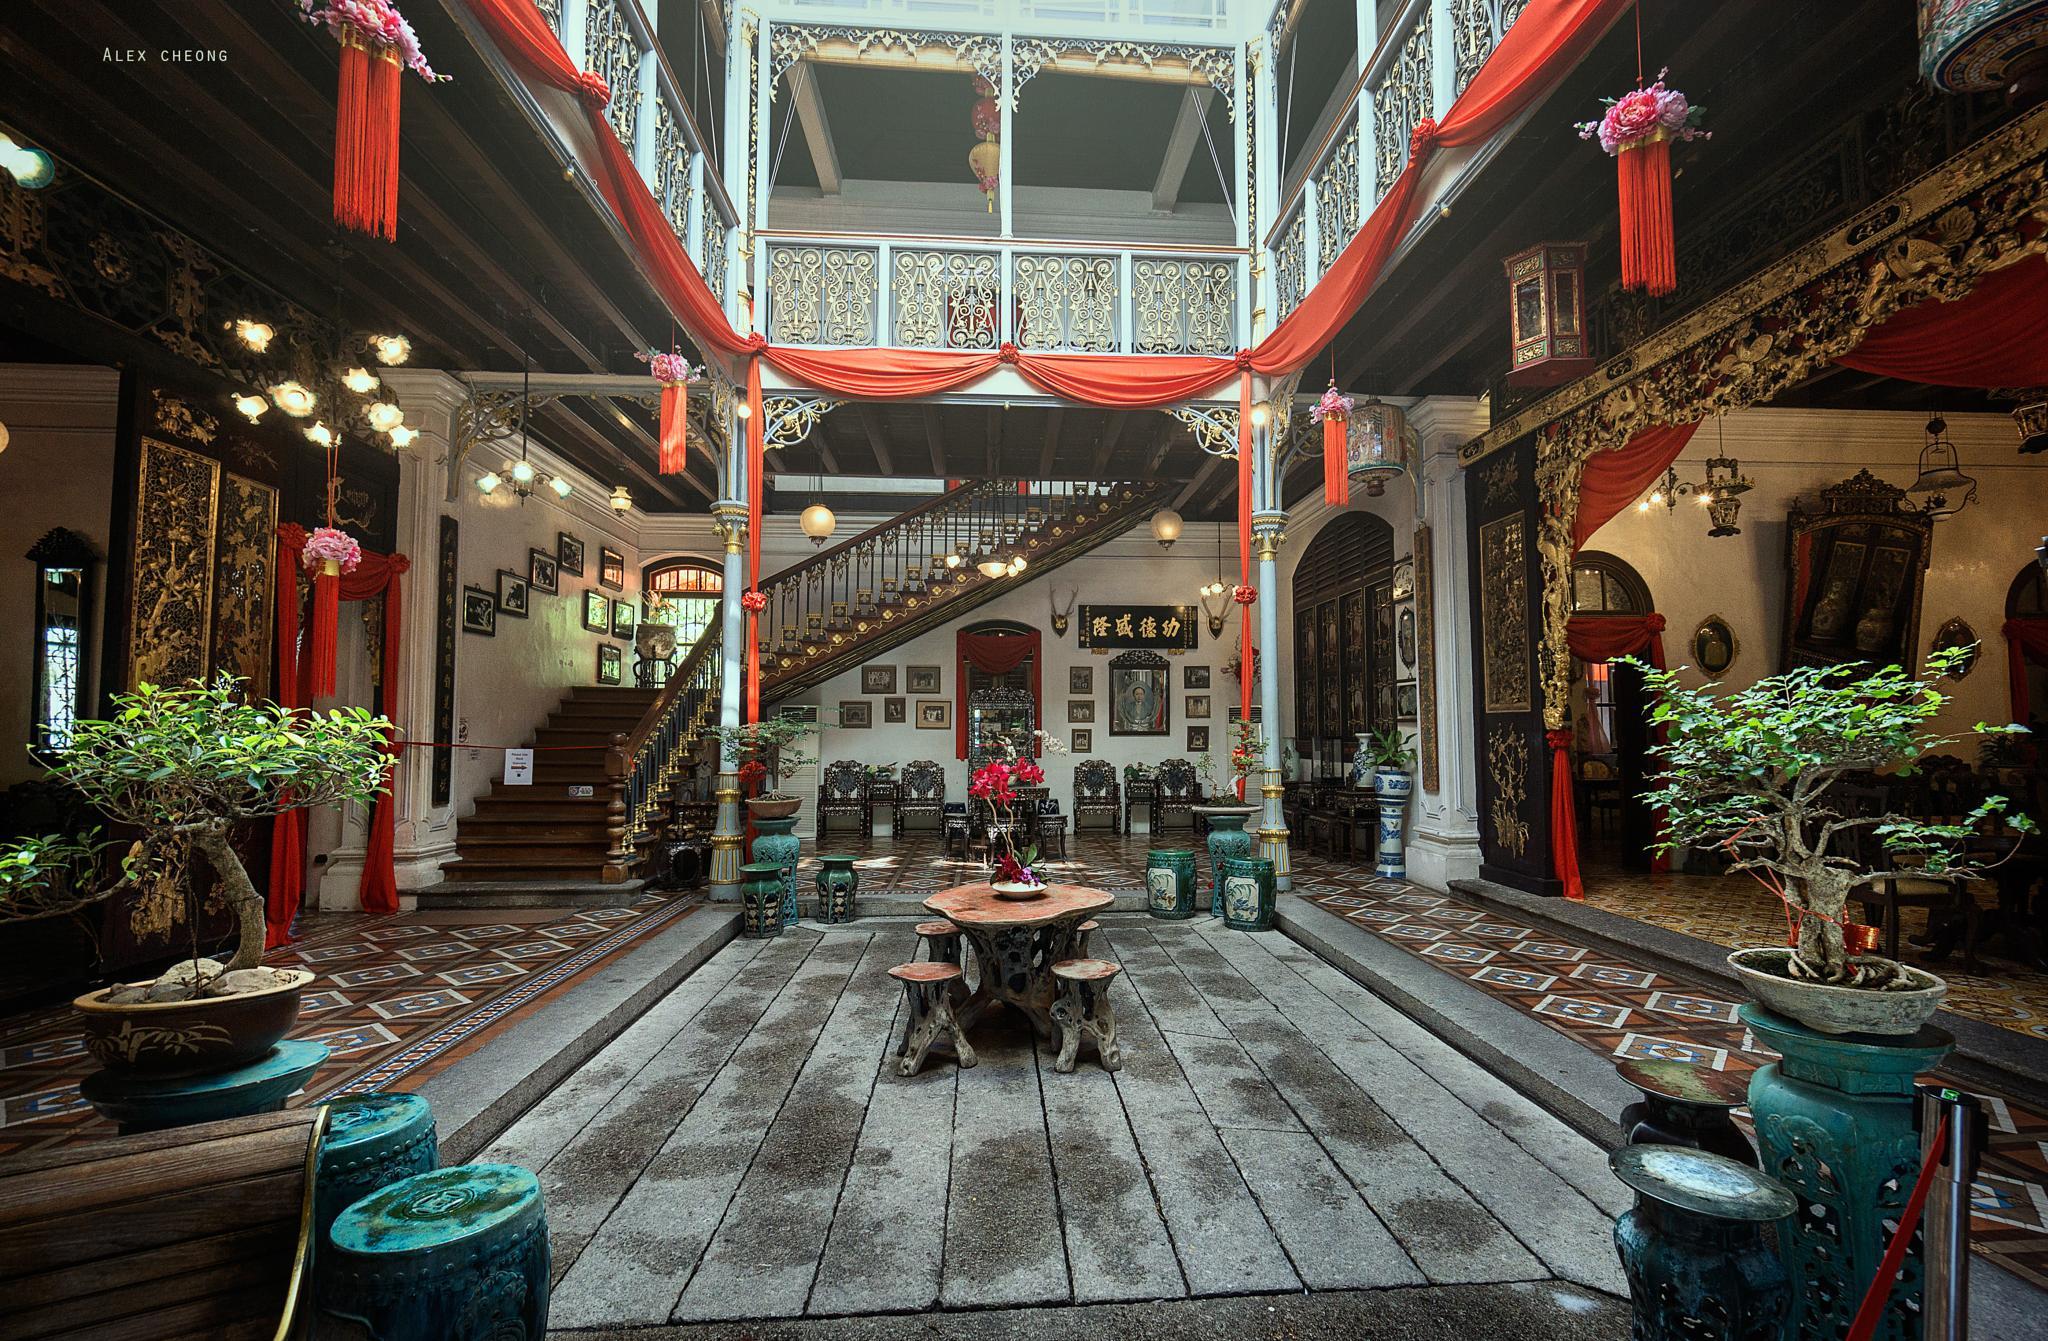 Penang Peranakan Mansion by alexcheong